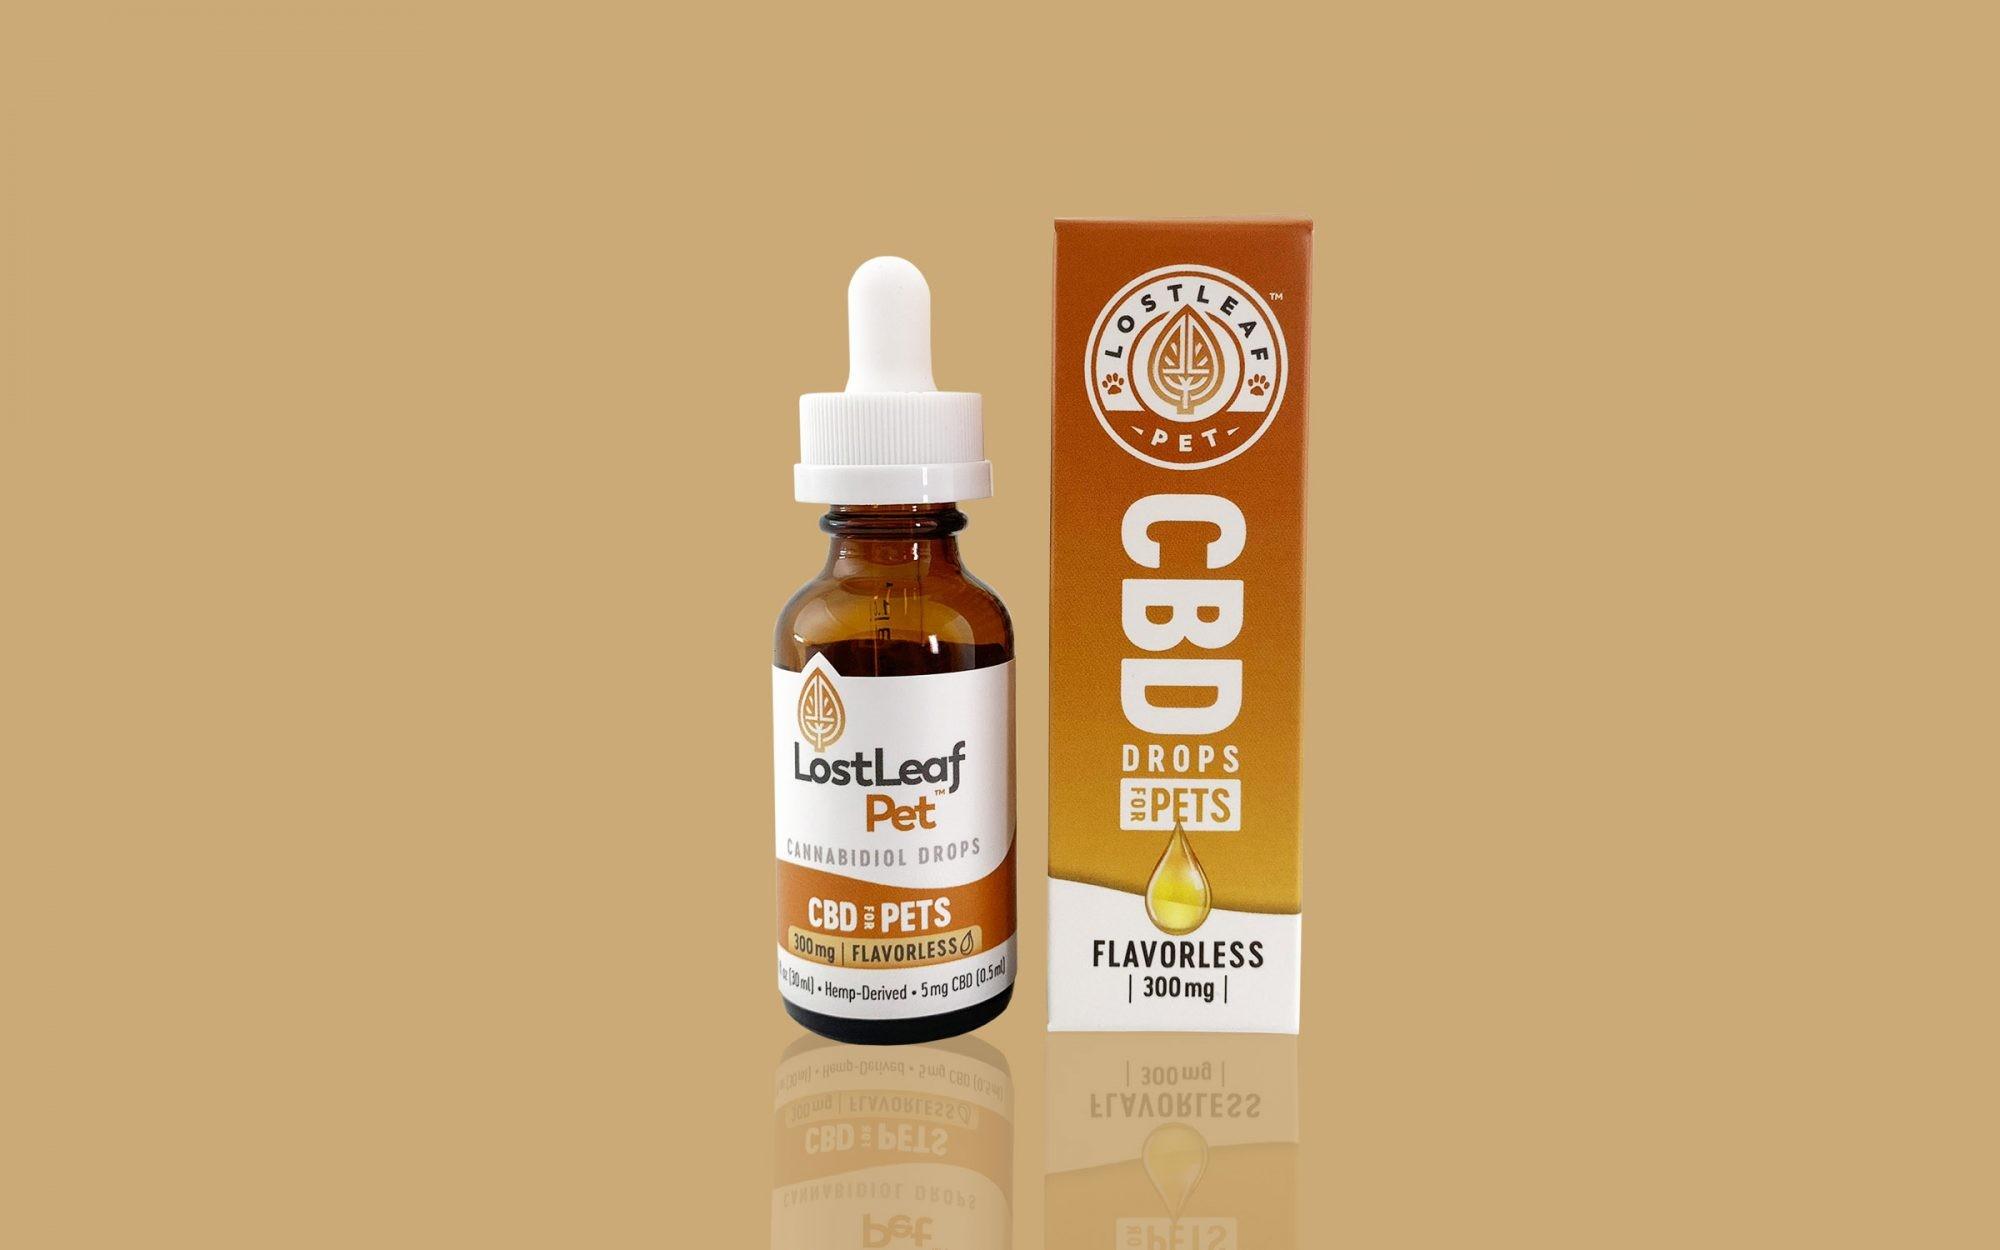 Lostleaf pet drops - LostLeaf Naturals